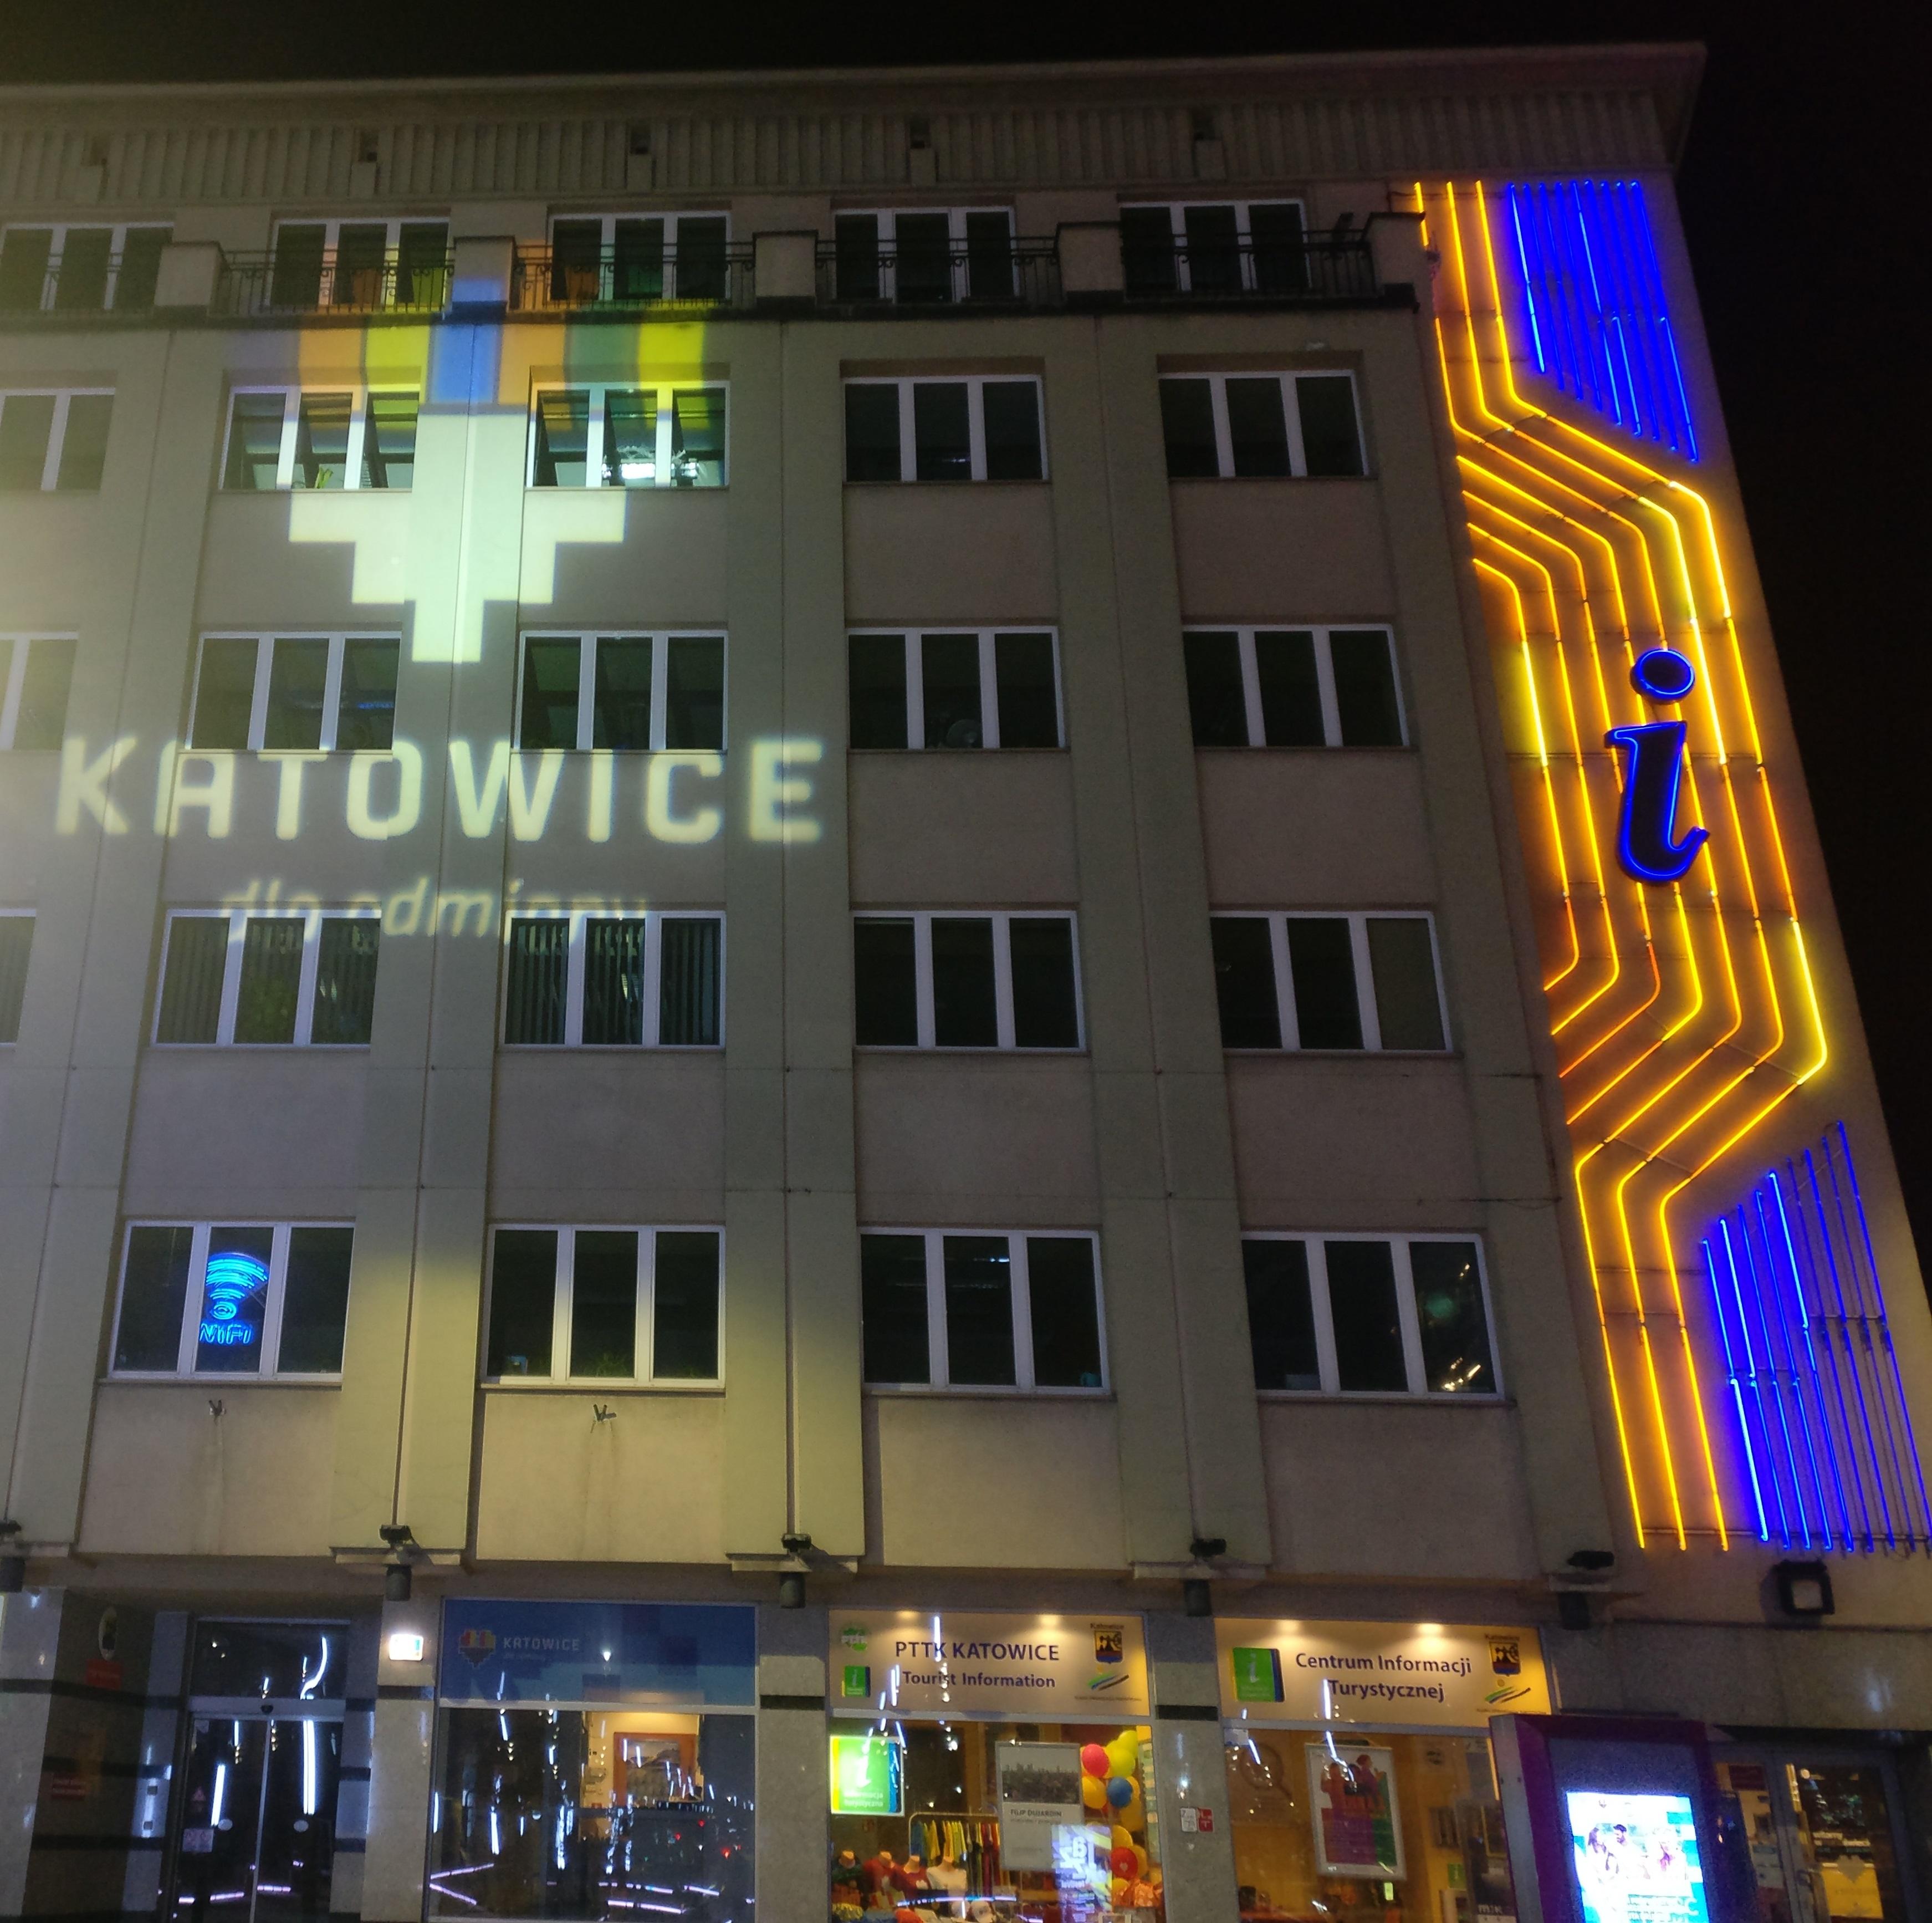 Intel Extreme Masters -  Katowice 2018